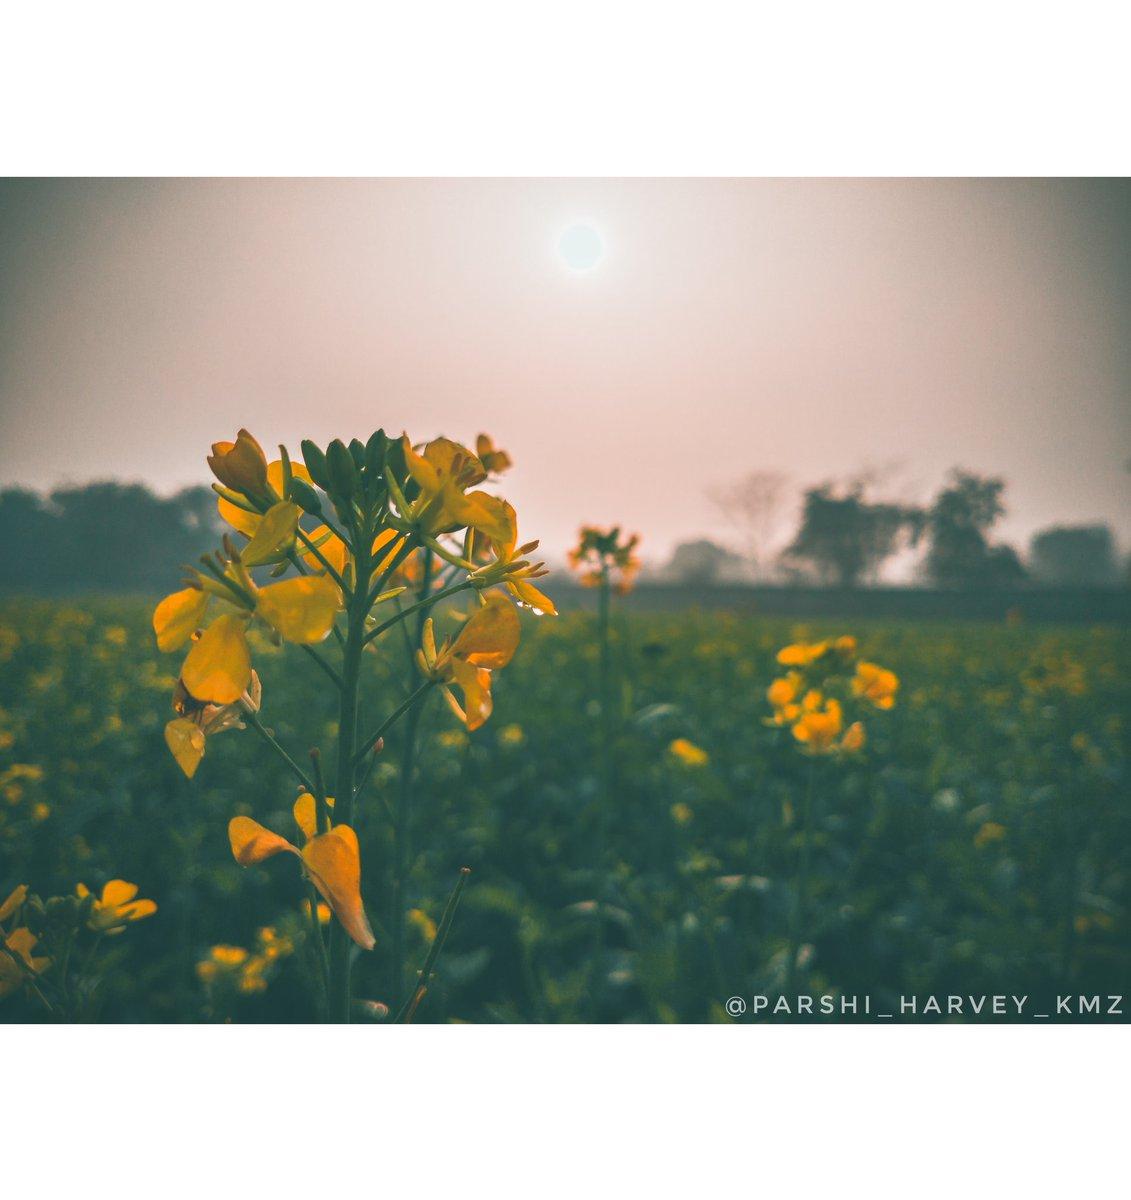 #nature #field #summer #flower #flora #landscape #sun #hayfield #season #rural #sunset #grass #sky #farm #floral #country #beautiful